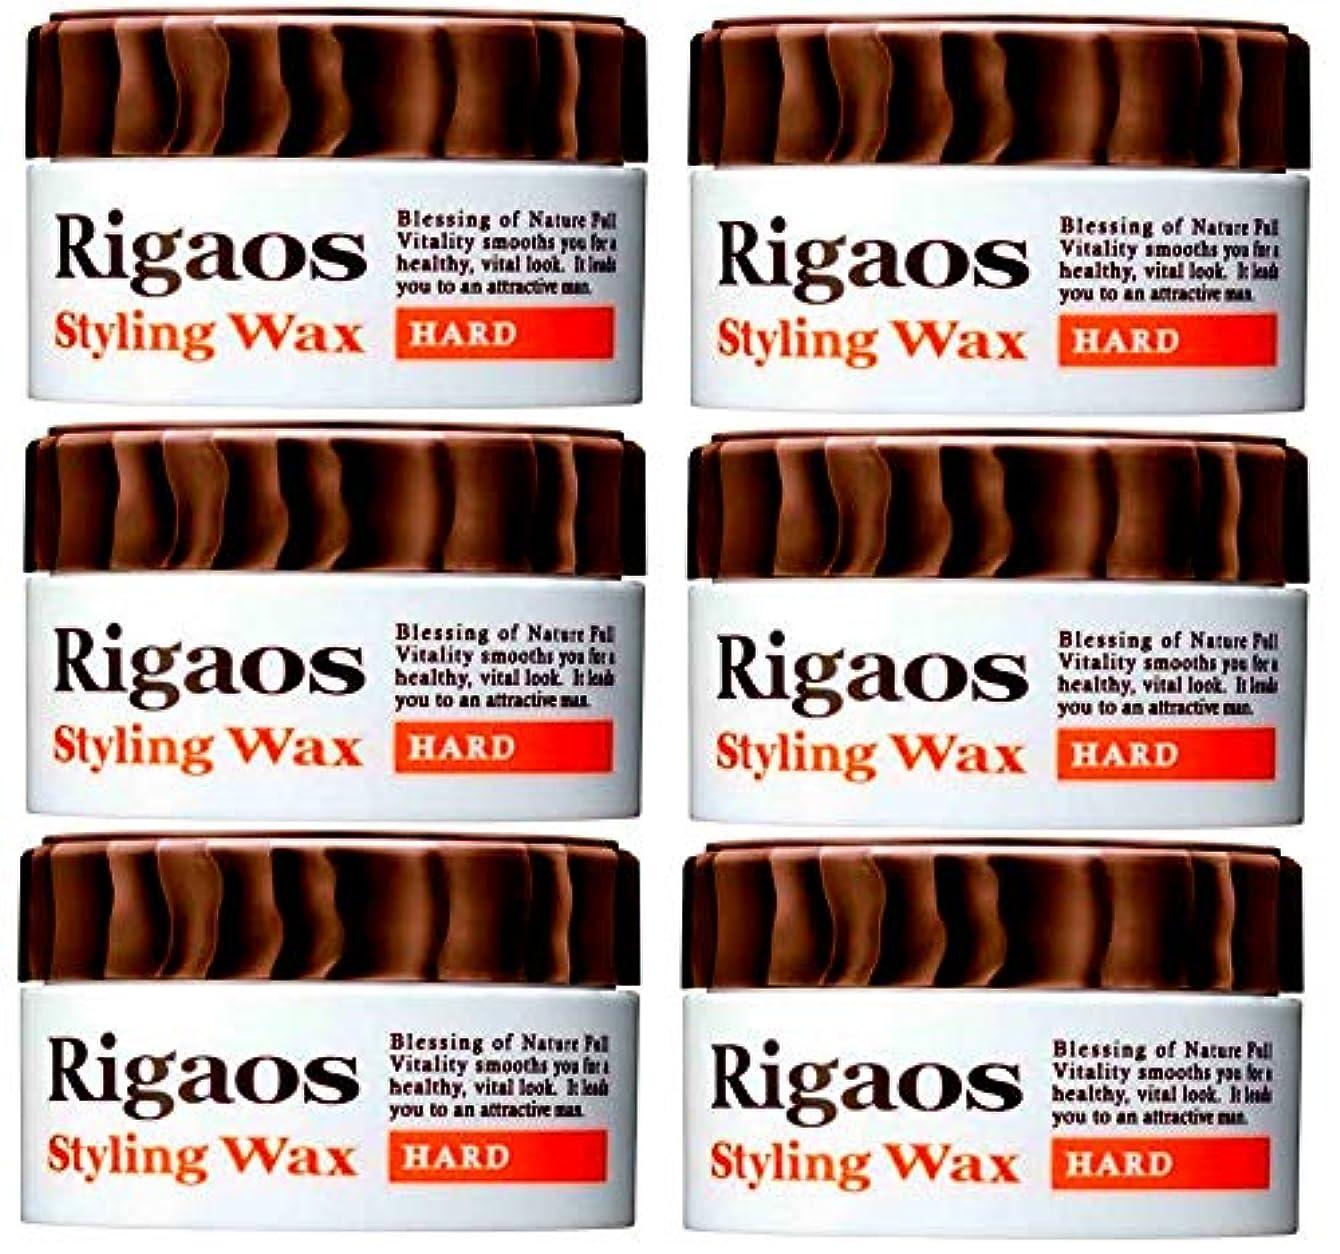 味わう偽善者素晴らしい【まとめ買い6個セット!】Rigaos リガオス スタイリングワックス 「ハード ミニ」(15g)× 6個